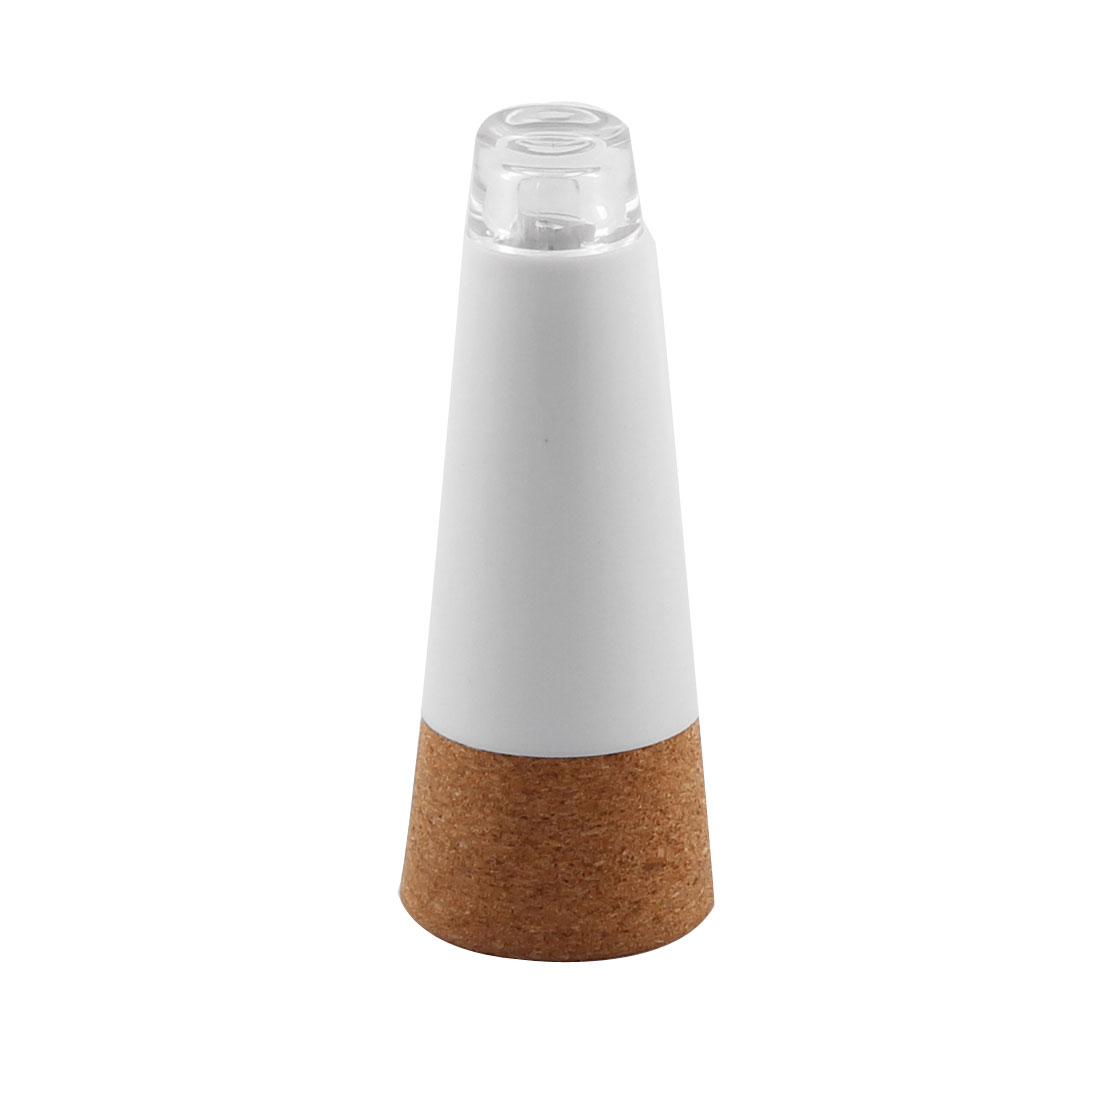 Cork Shaped USB Powered LED Lamp Stopper Decor Empty Wine Bottle Green Light